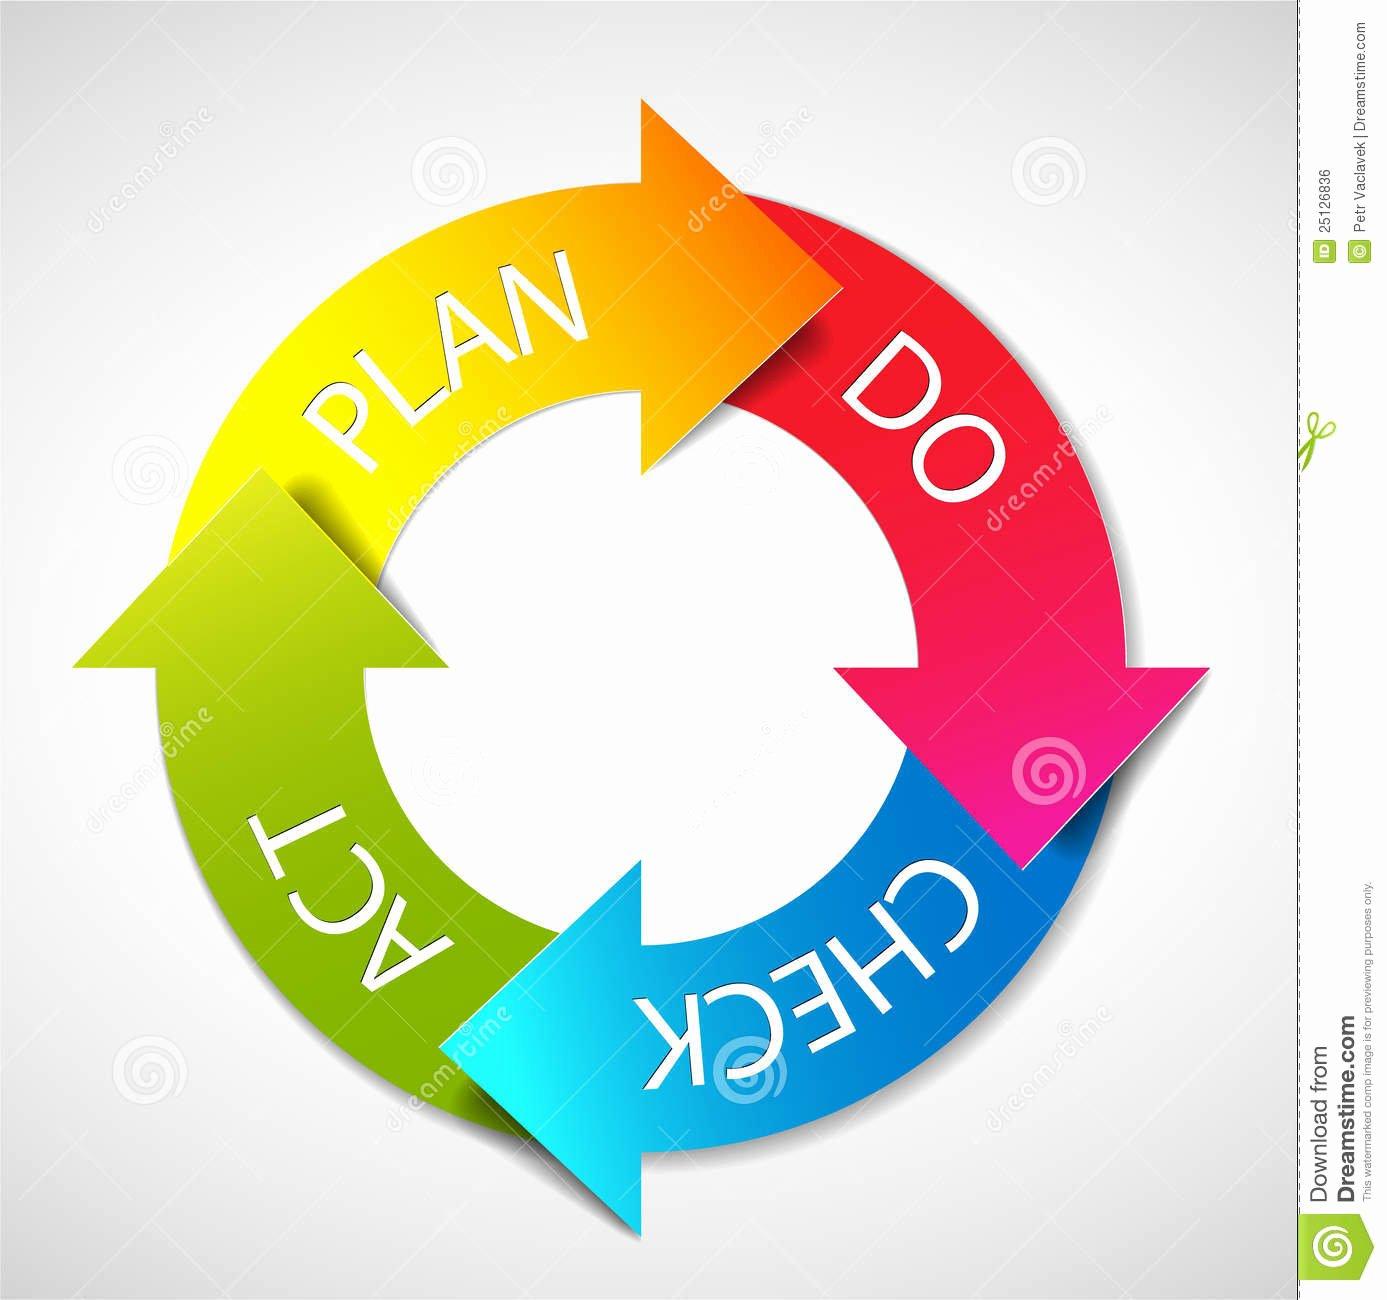 Plan Do Check Act Template Luxury Vector Plan Do Check Act Diagram Royalty Free Stock Image